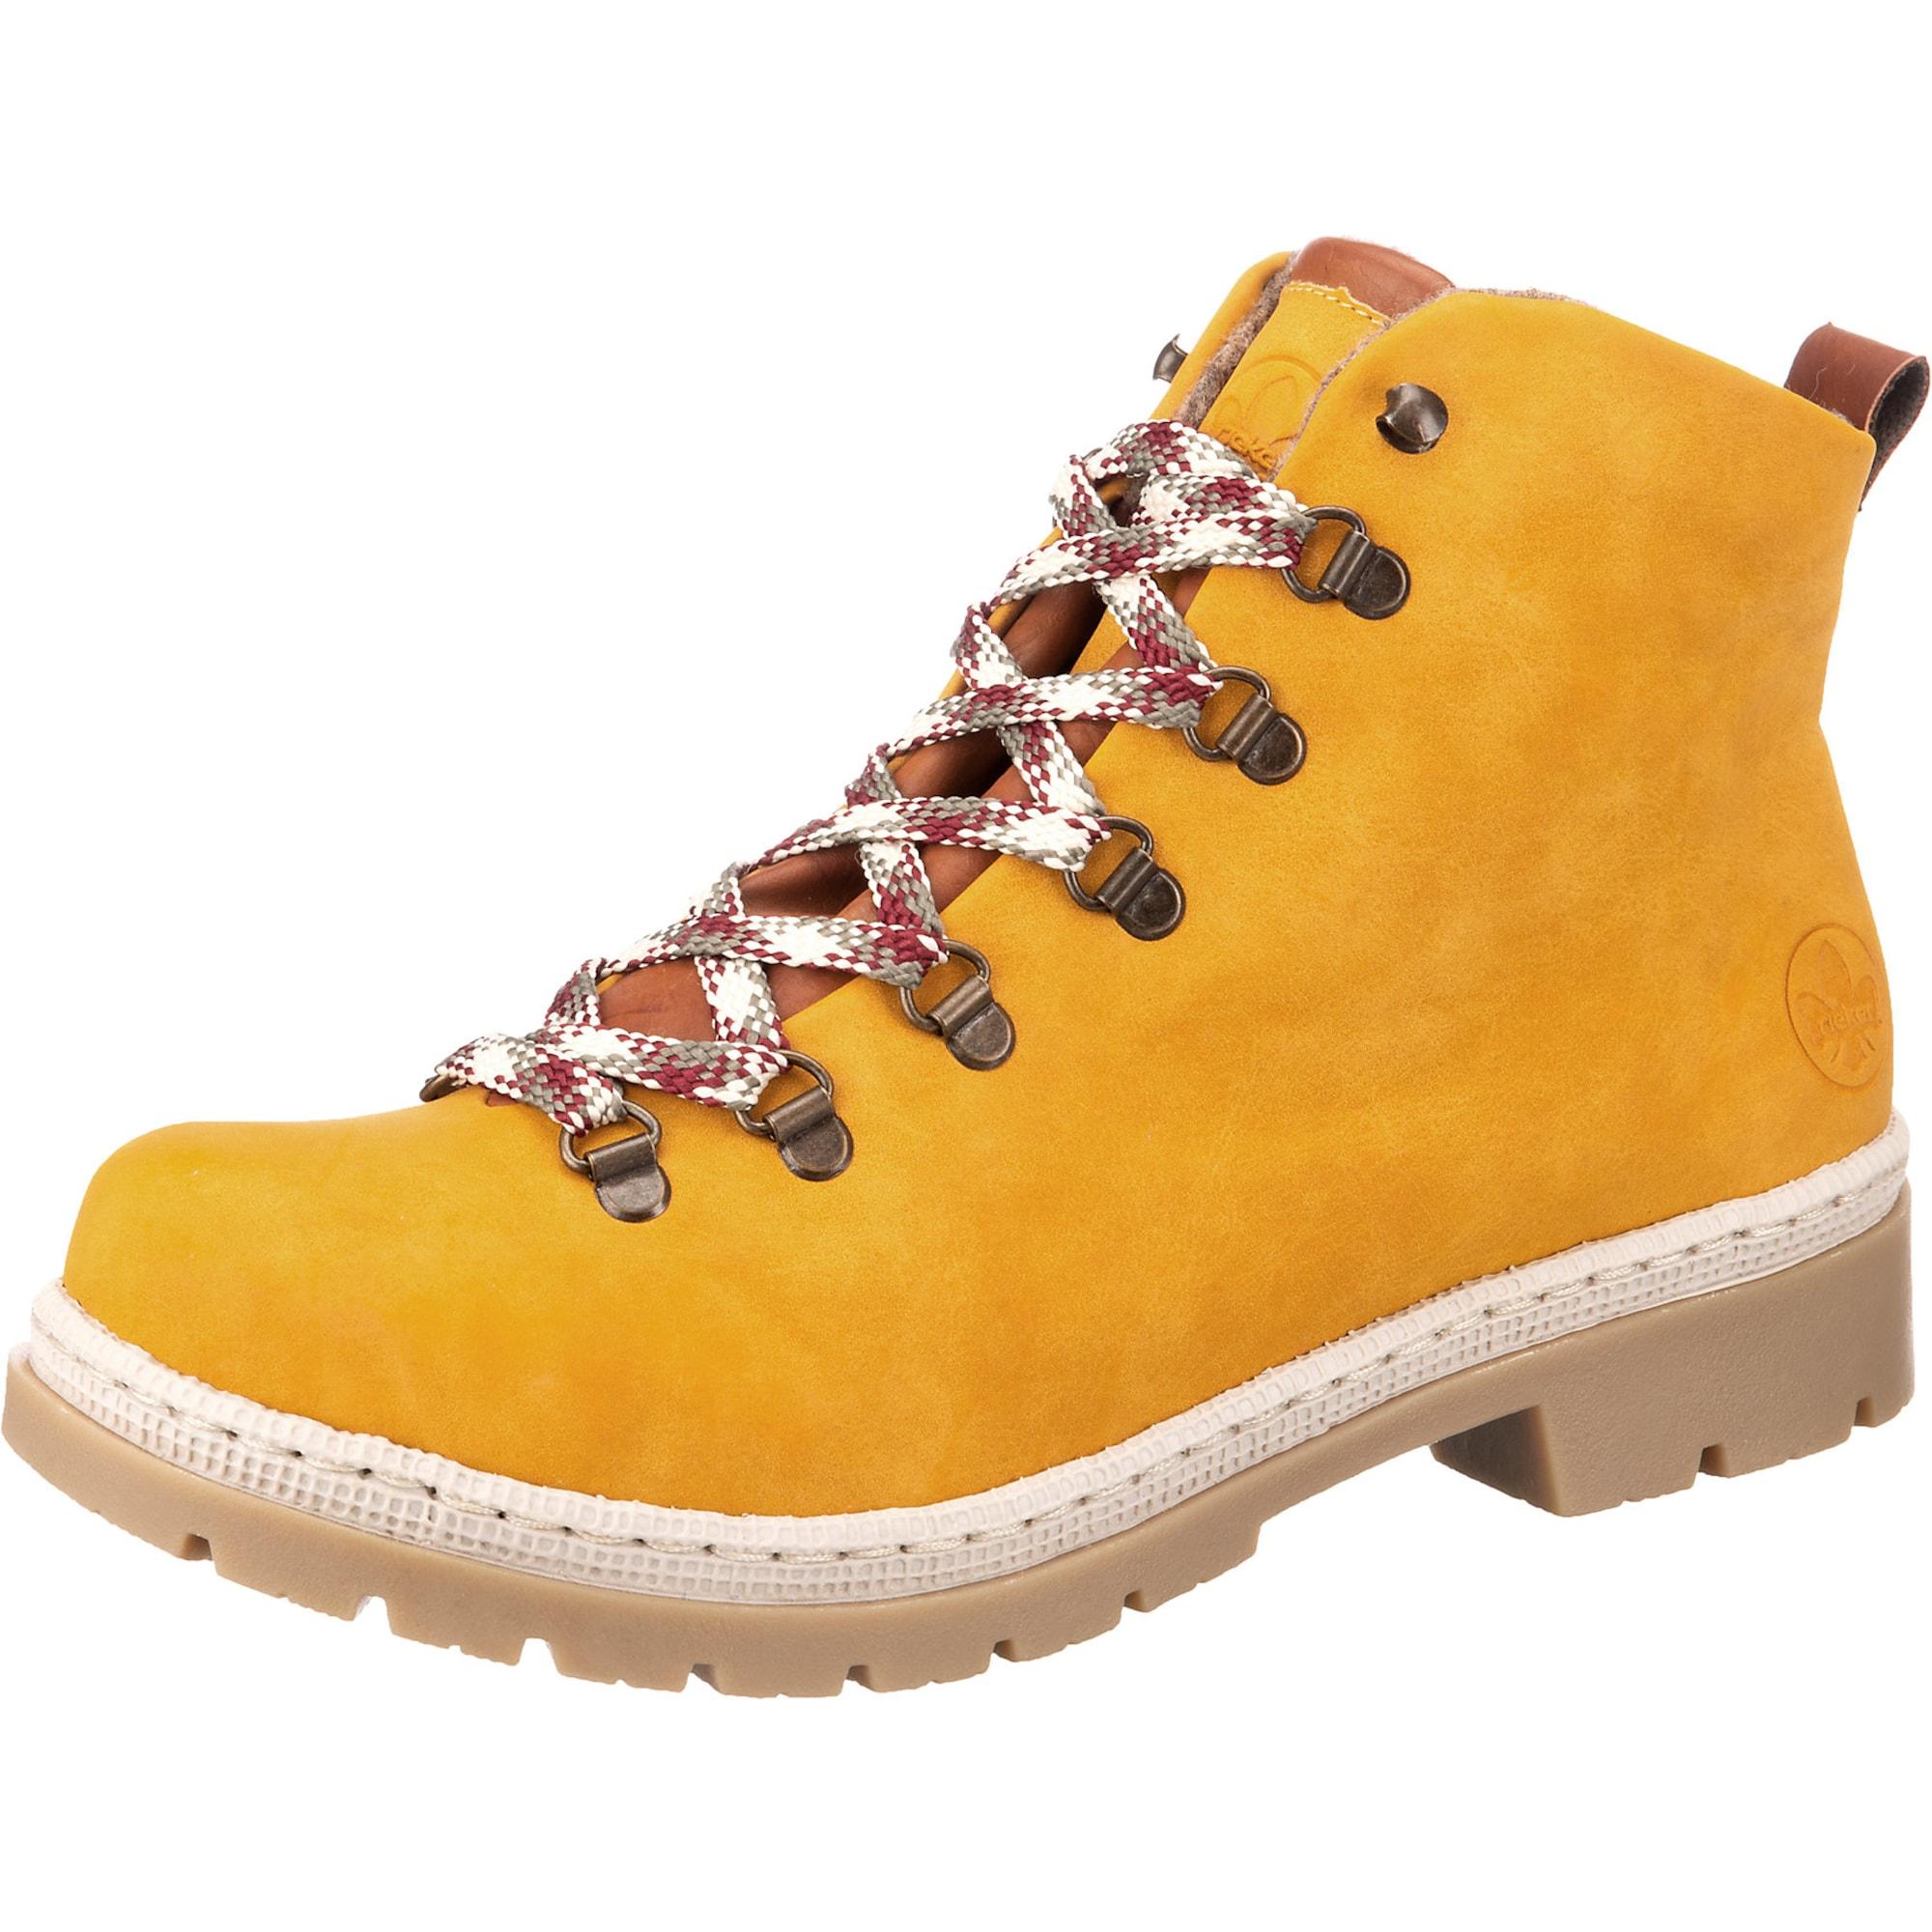 RIEKER Auliniai batai medaus spalva